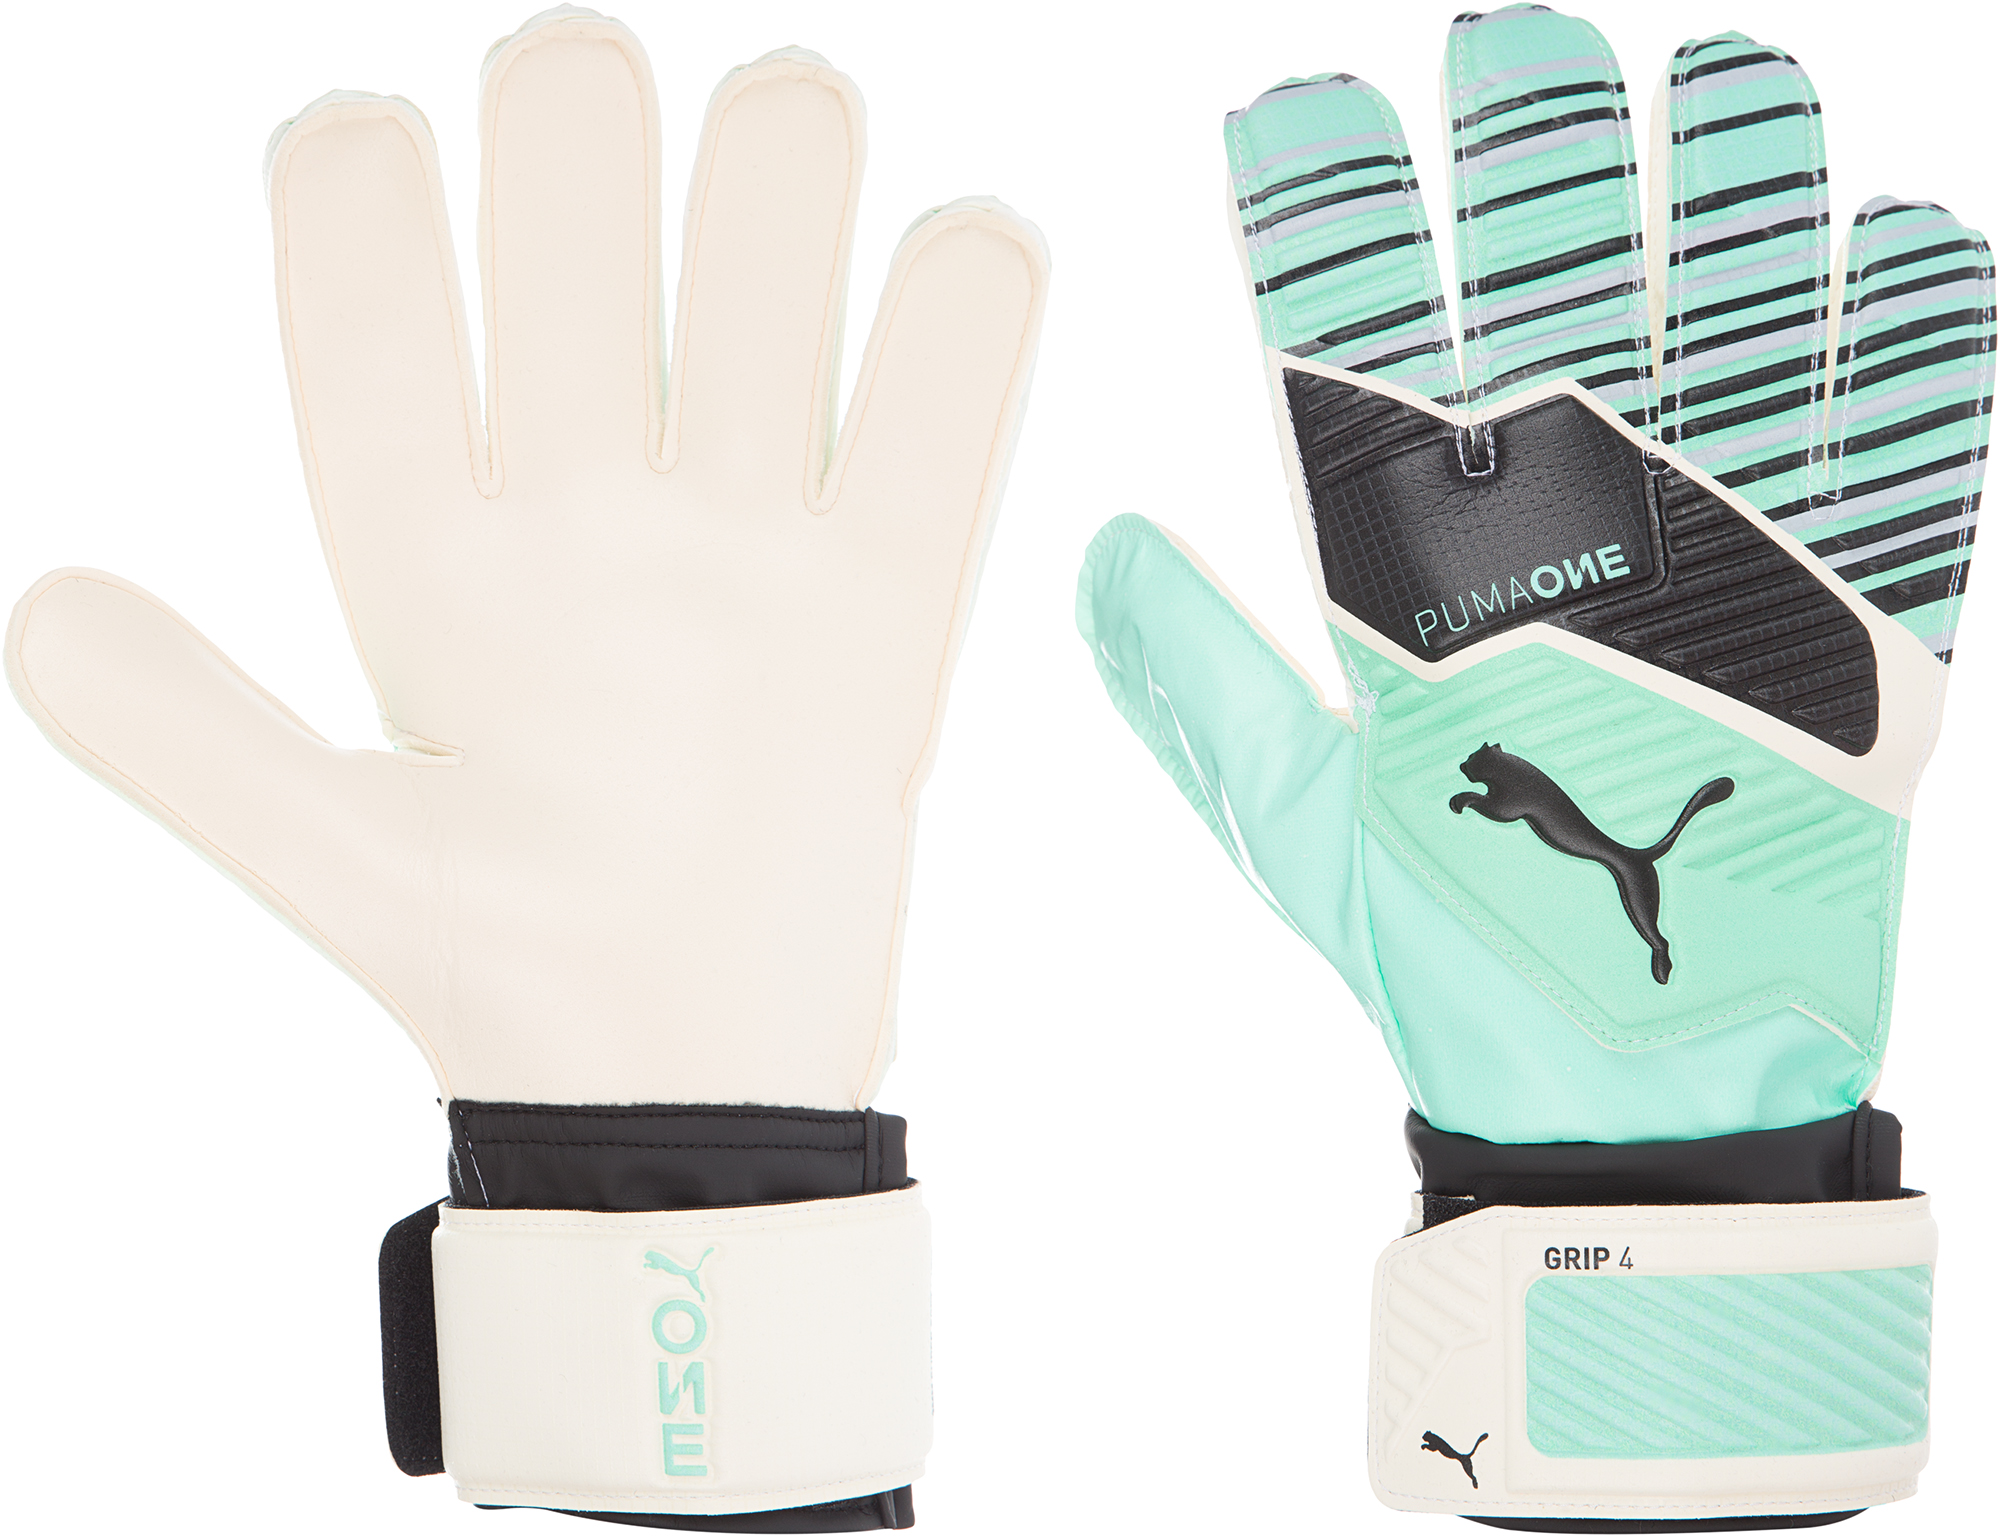 Puma Перчатки вратарские Puma One Grip 4, размер 10